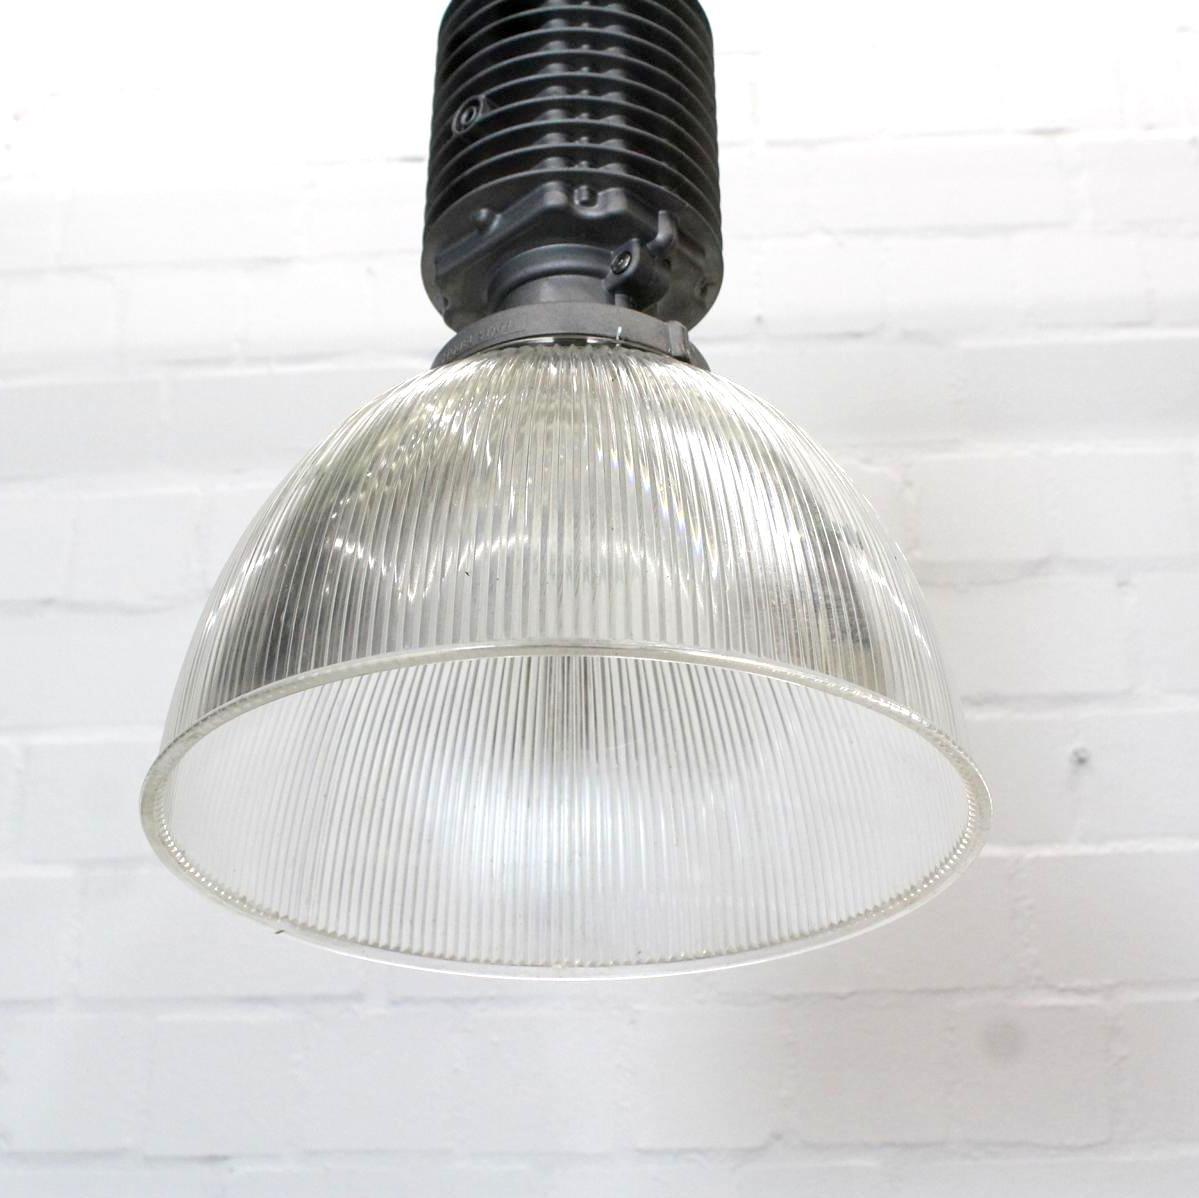 industrielle vintage loft lampe von zumtobel bei pamono kaufen. Black Bedroom Furniture Sets. Home Design Ideas